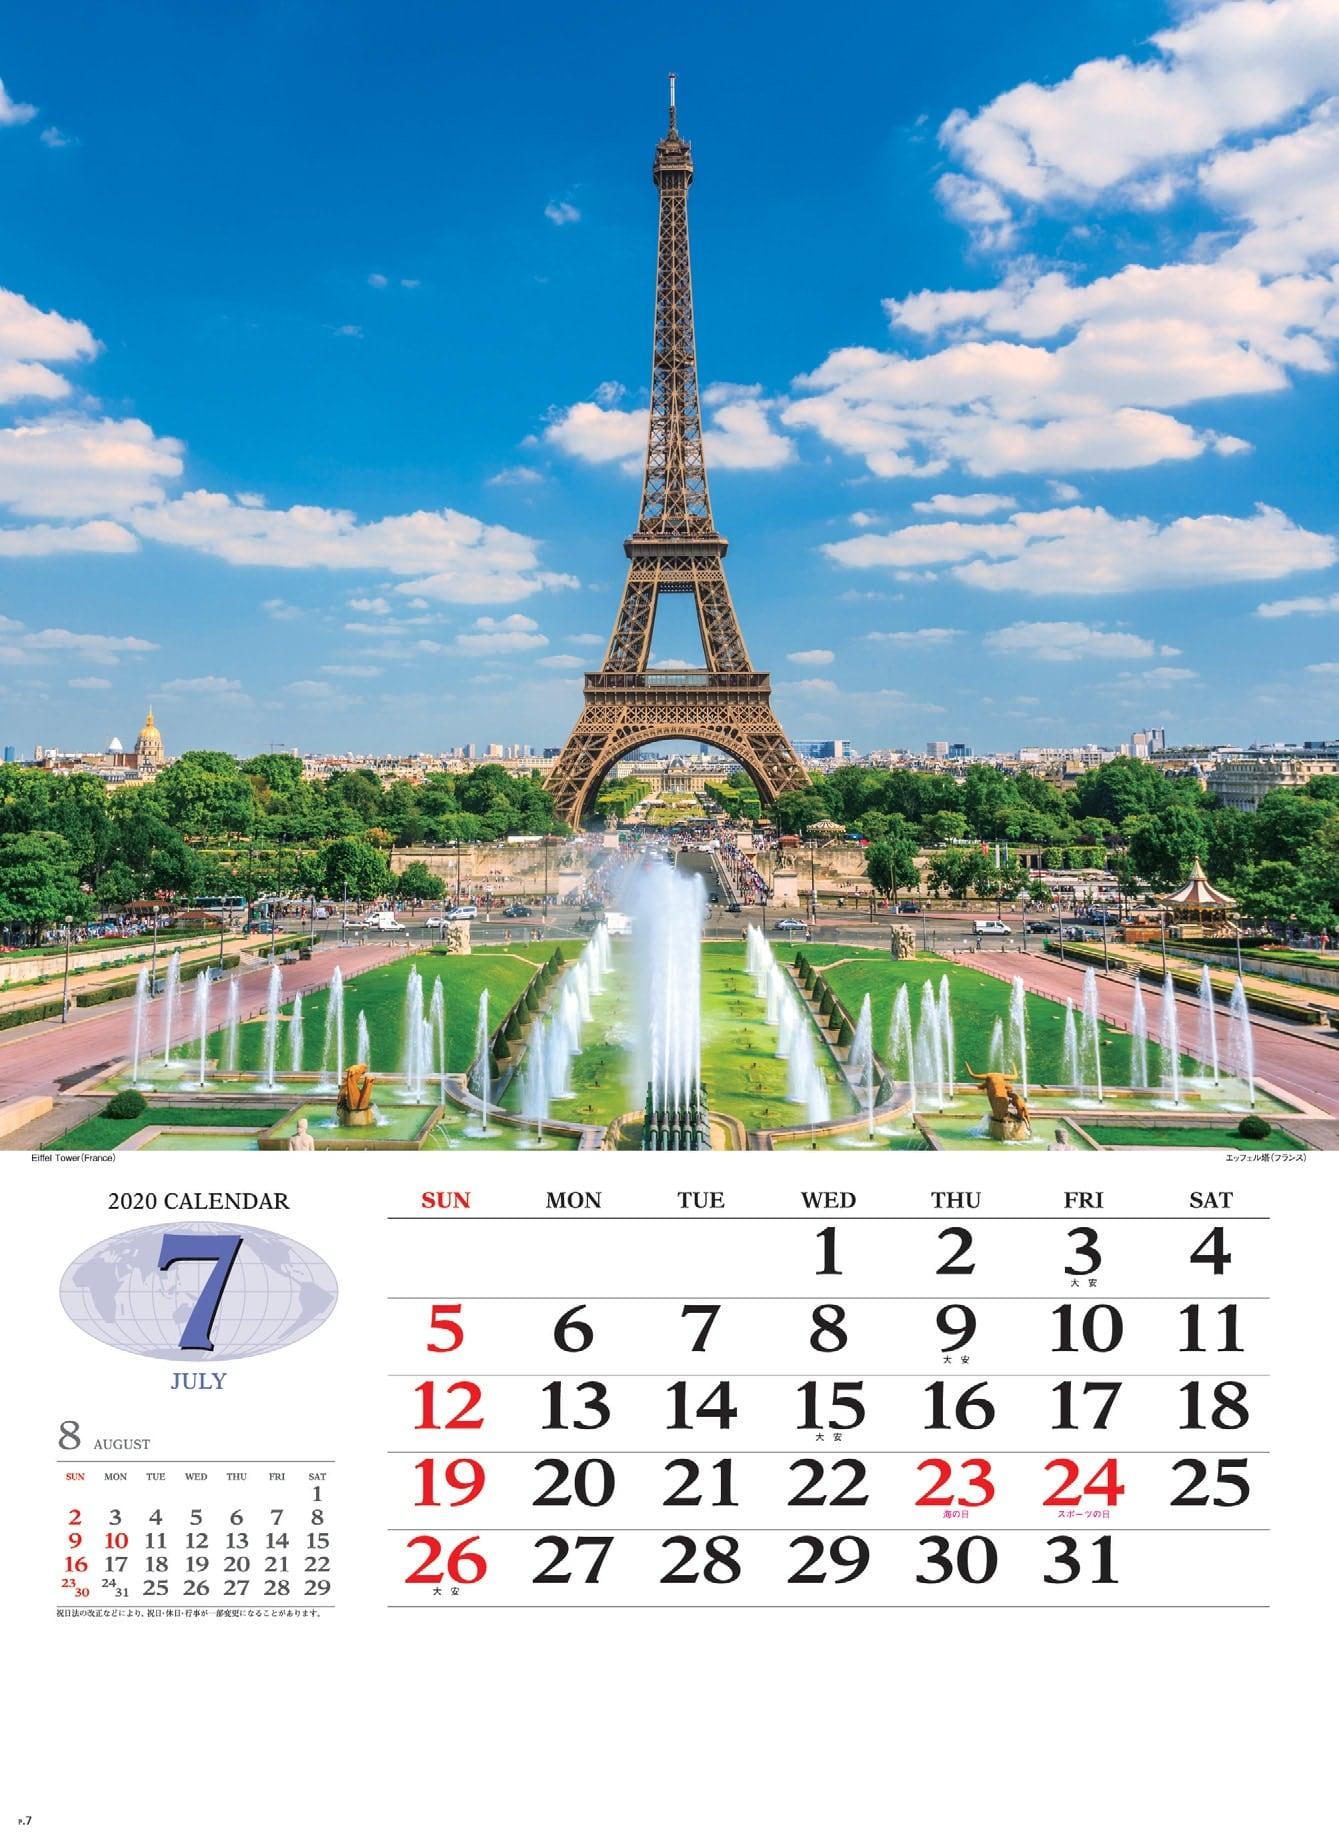 画像:エッフェル塔(フランス) 世界の景観 2020年カレンダー